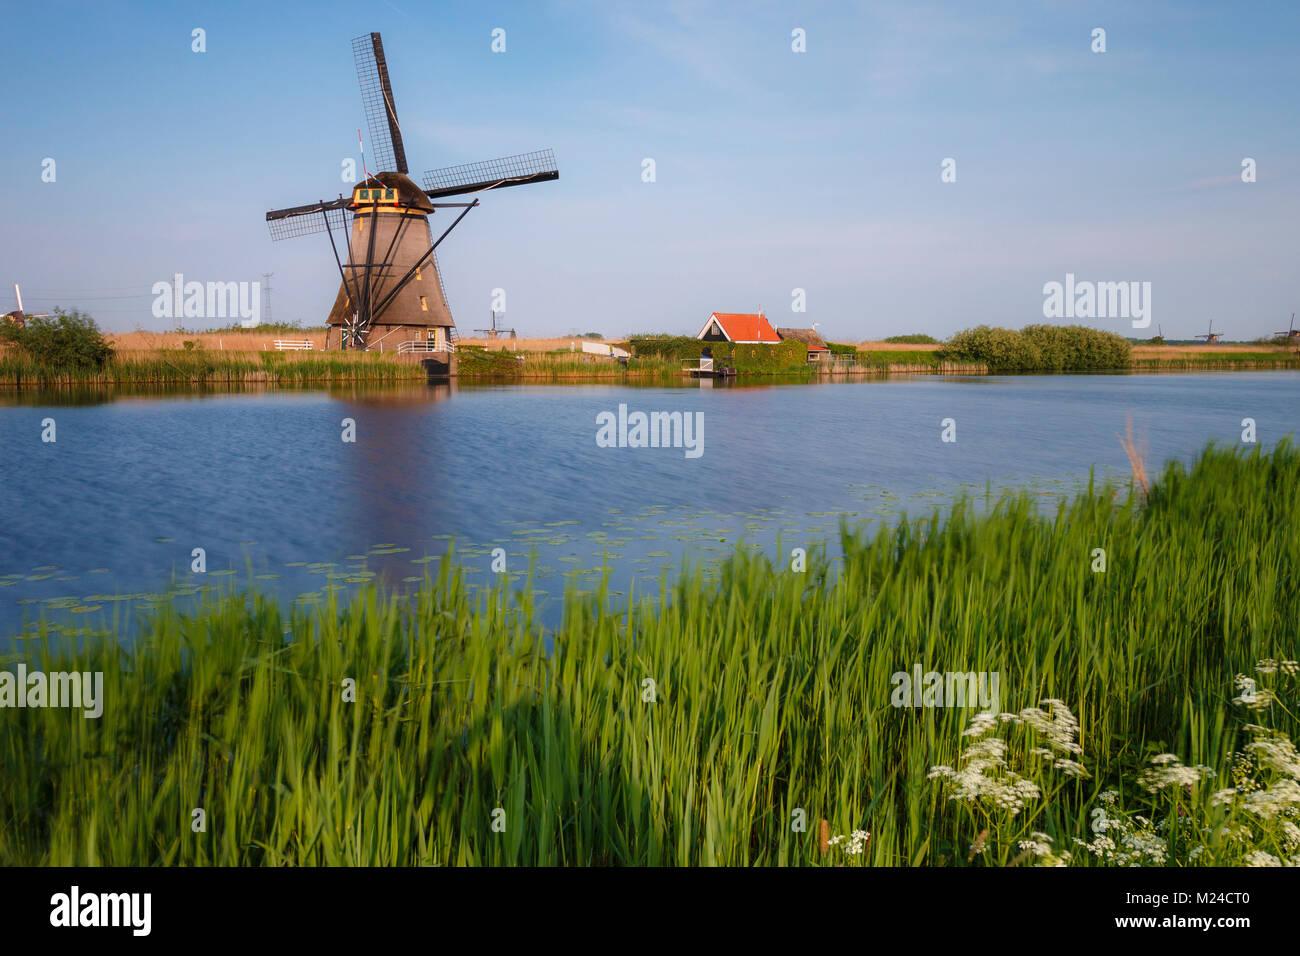 Paesi Bassi kinderdijk storico mulino ad un lago Immagini Stock